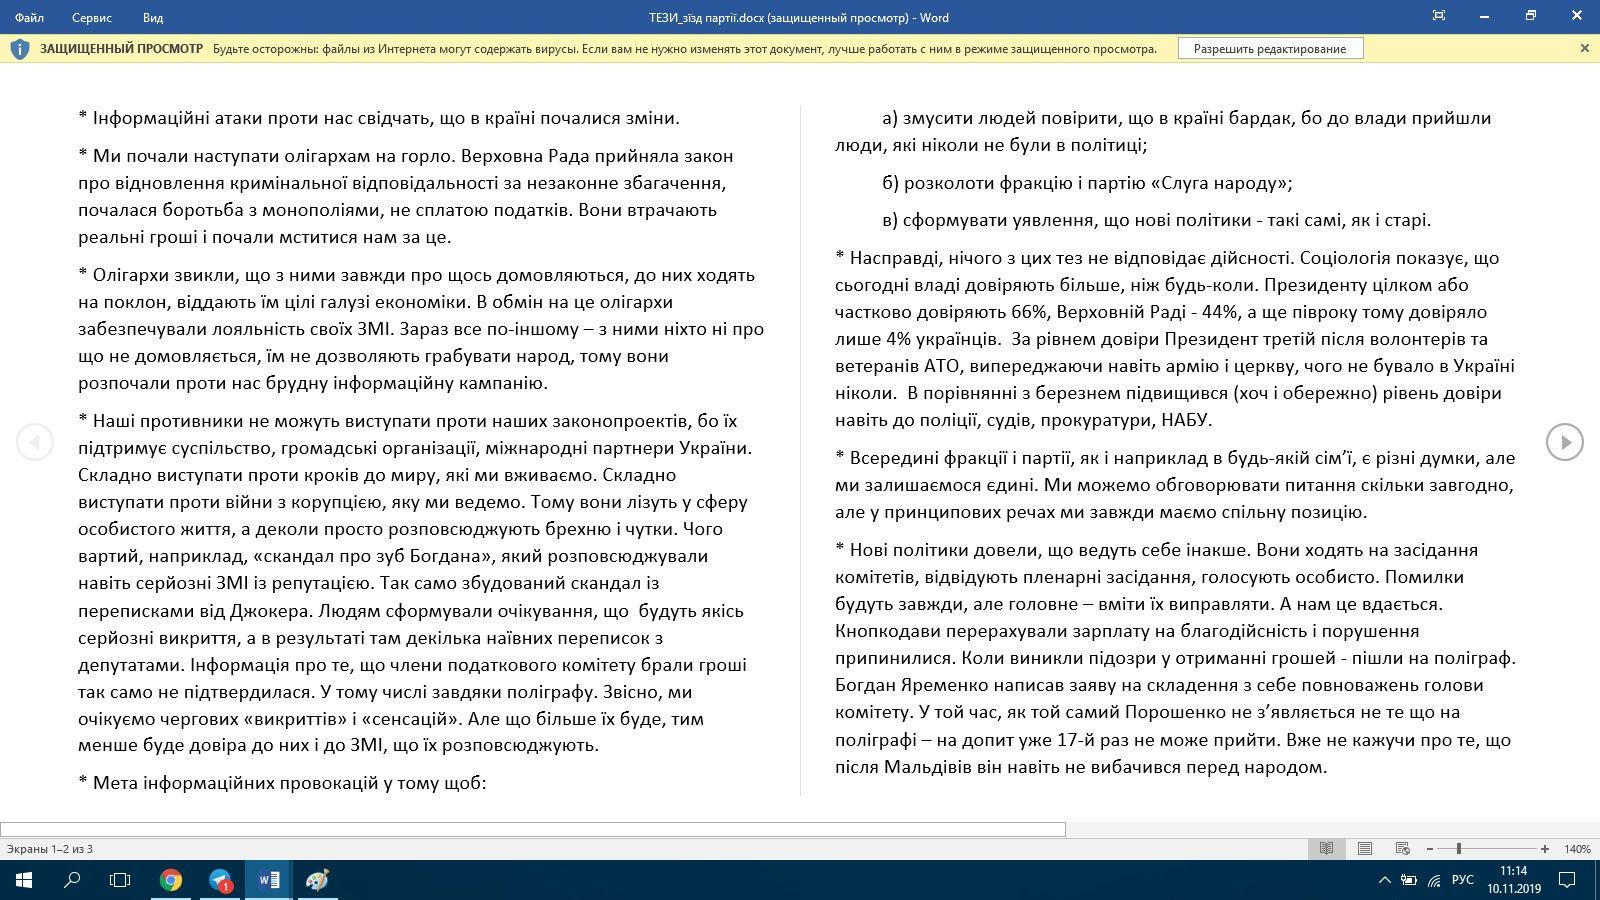 """До партії """"Слуга народу"""" вступили 27 депутатів фракції, зокрема Арахамія, Дубінський і Тищенко - Цензор.НЕТ 3040"""